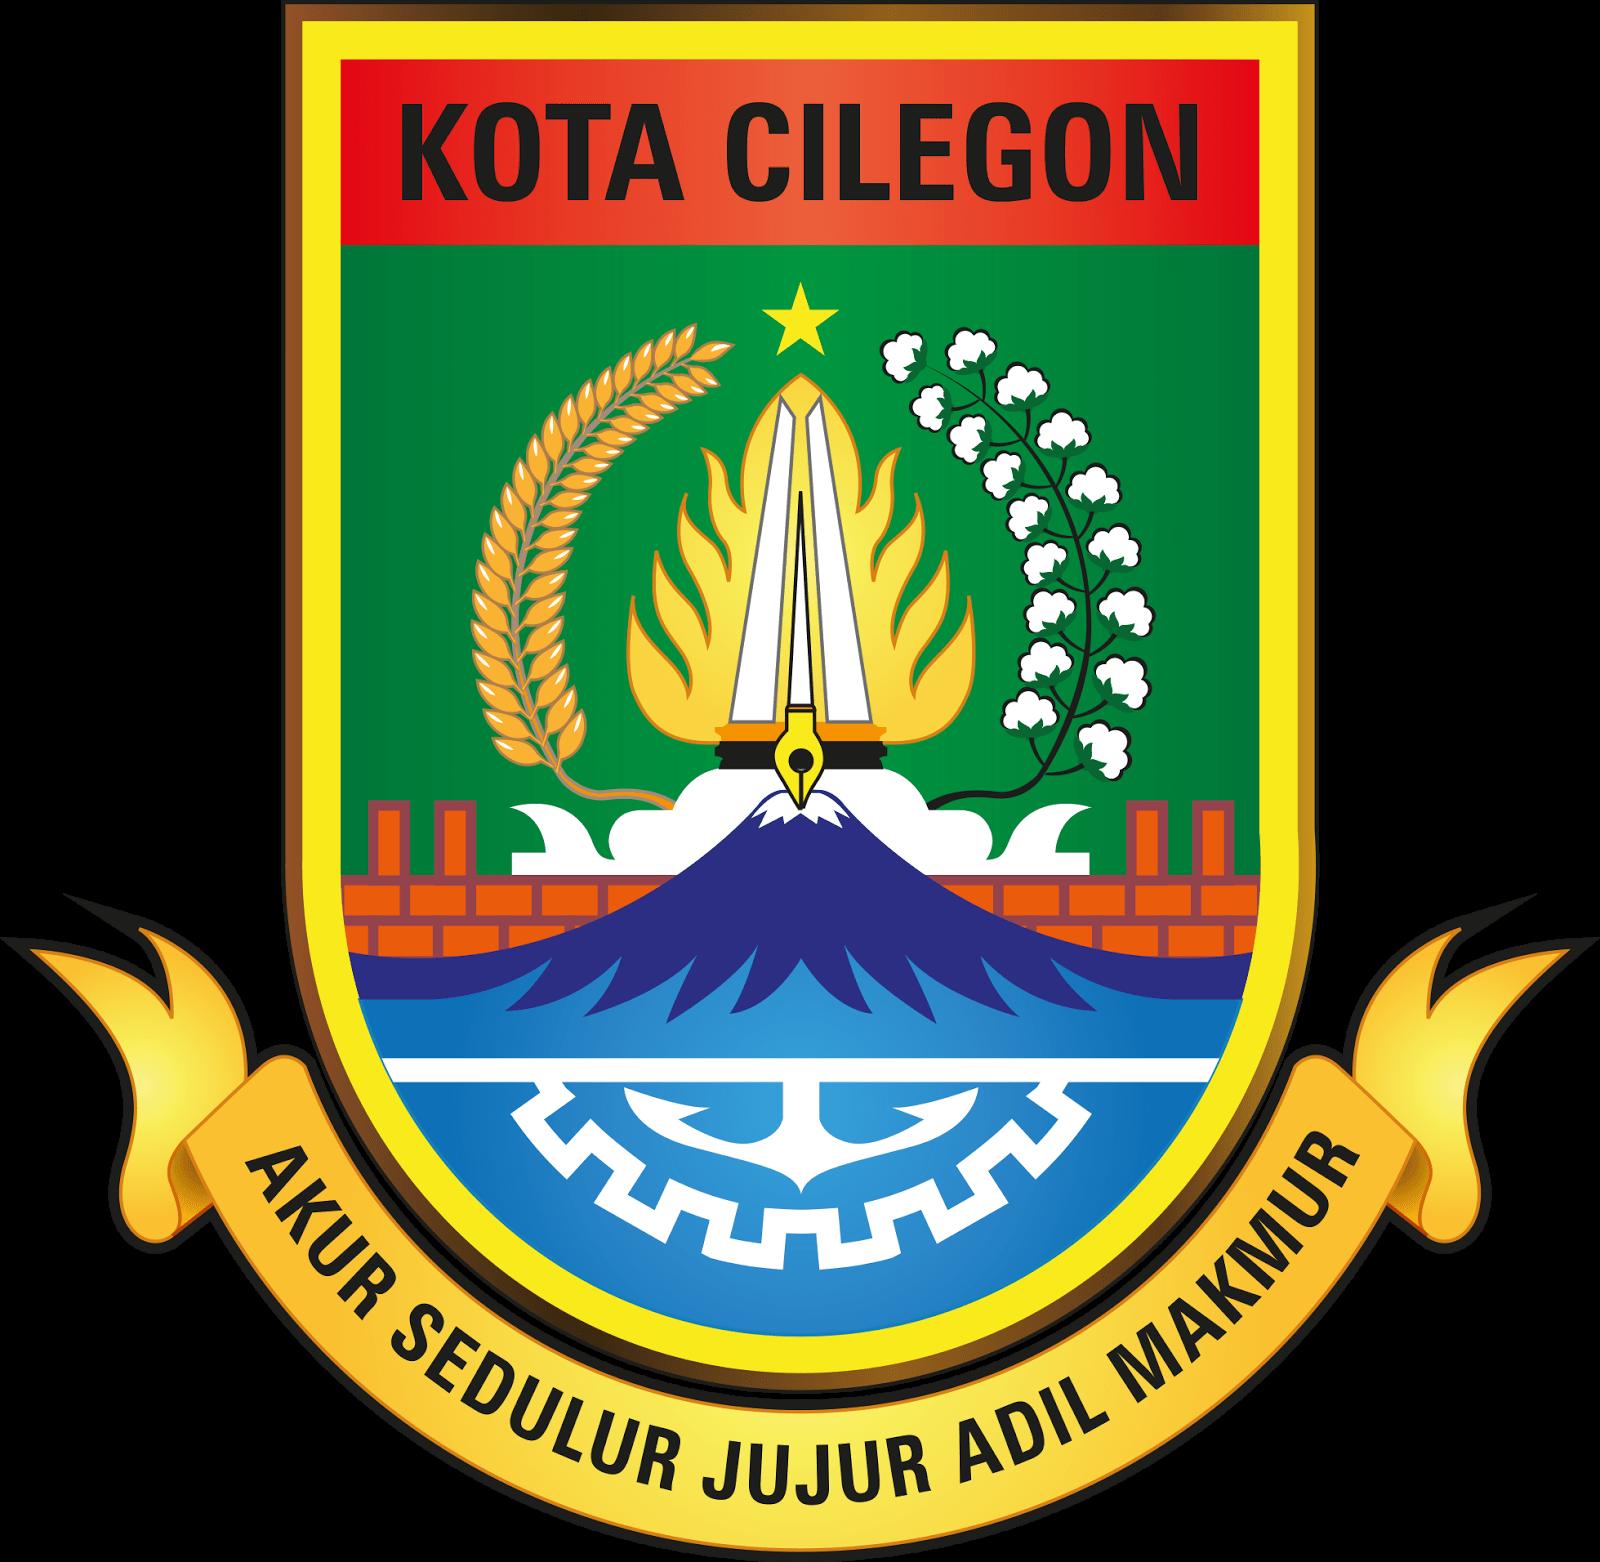 Logo-Pemerintah-Kota-Cilegon